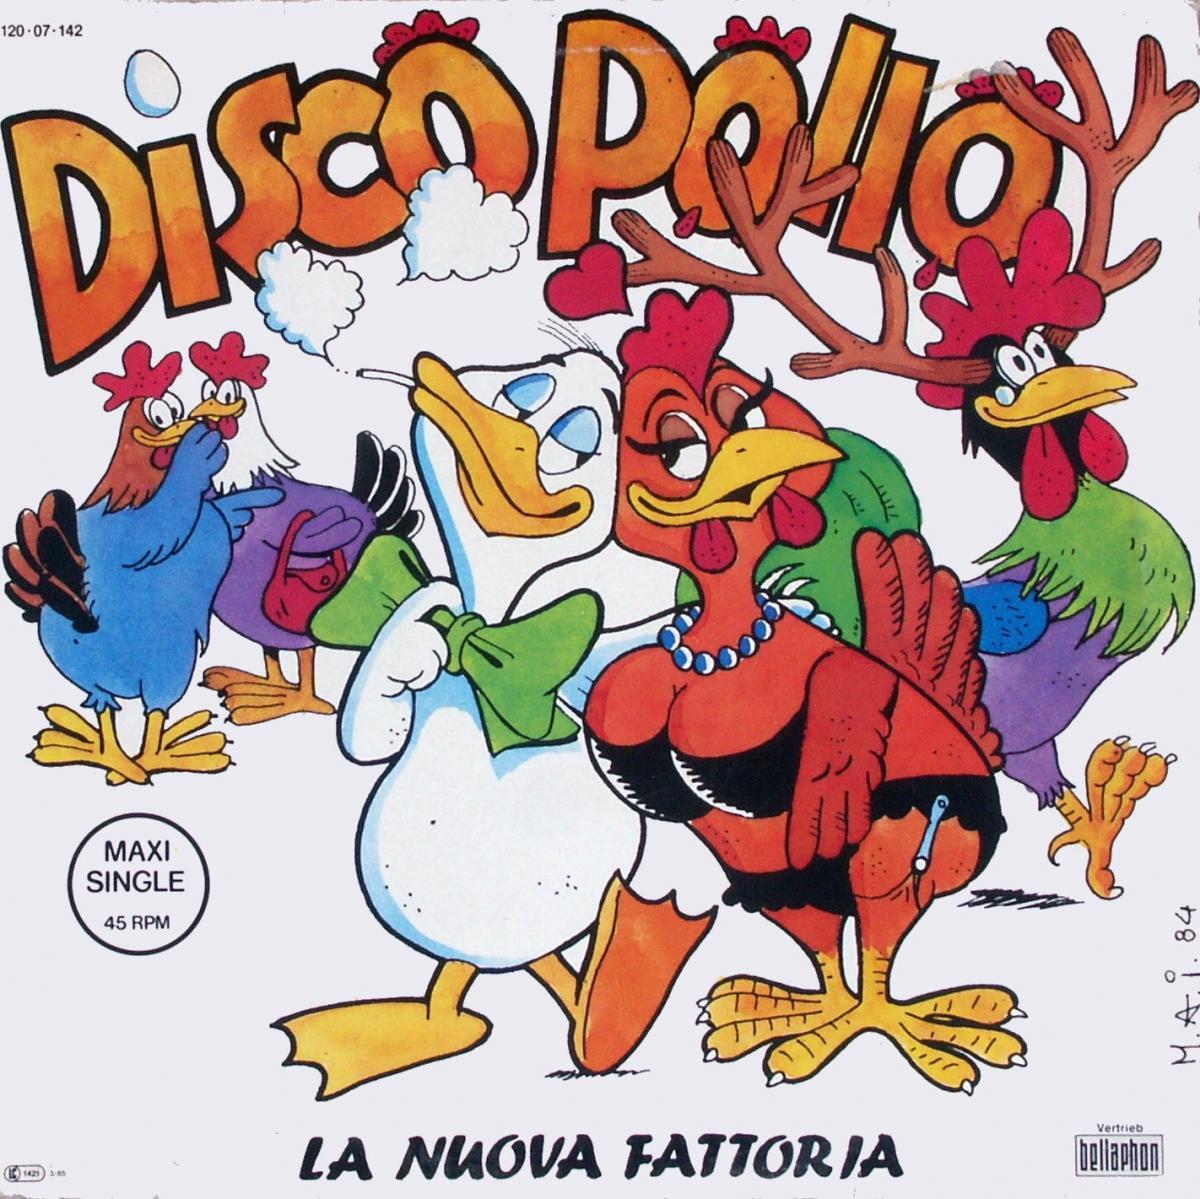 """La Nuova Fattoria - Disco Pollo [12"""" Maxi]"""